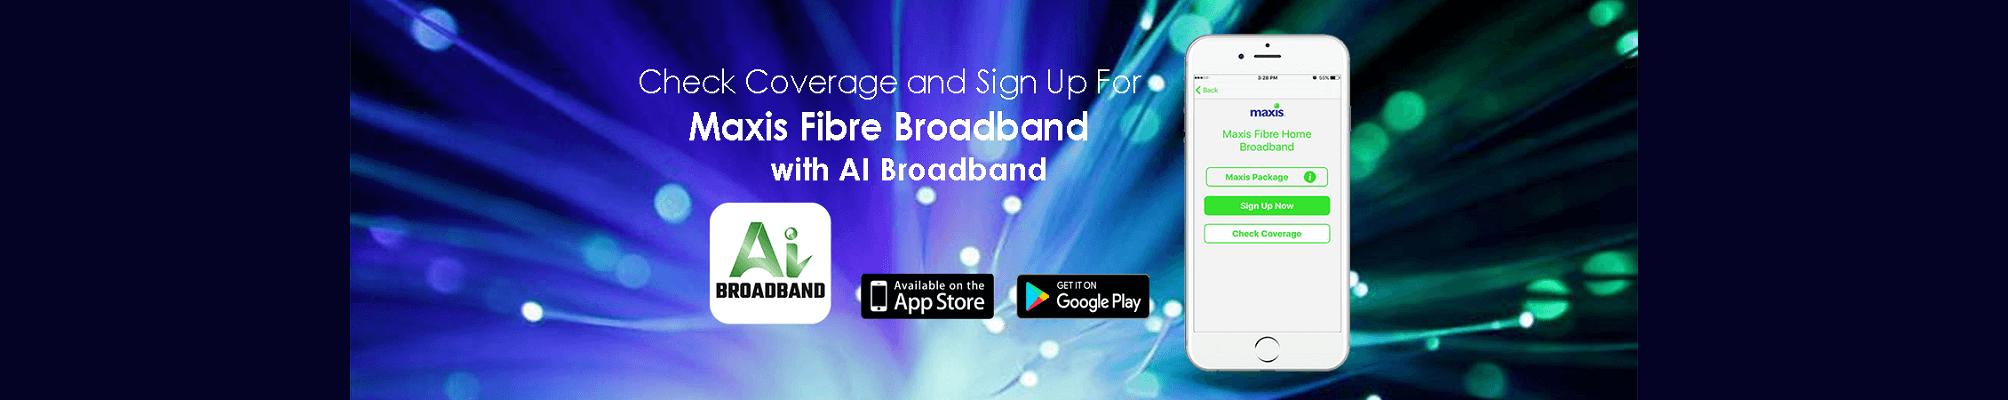 Maxis Fibre Broadband  Maxis Home & Business Fibre   Maxis Internet